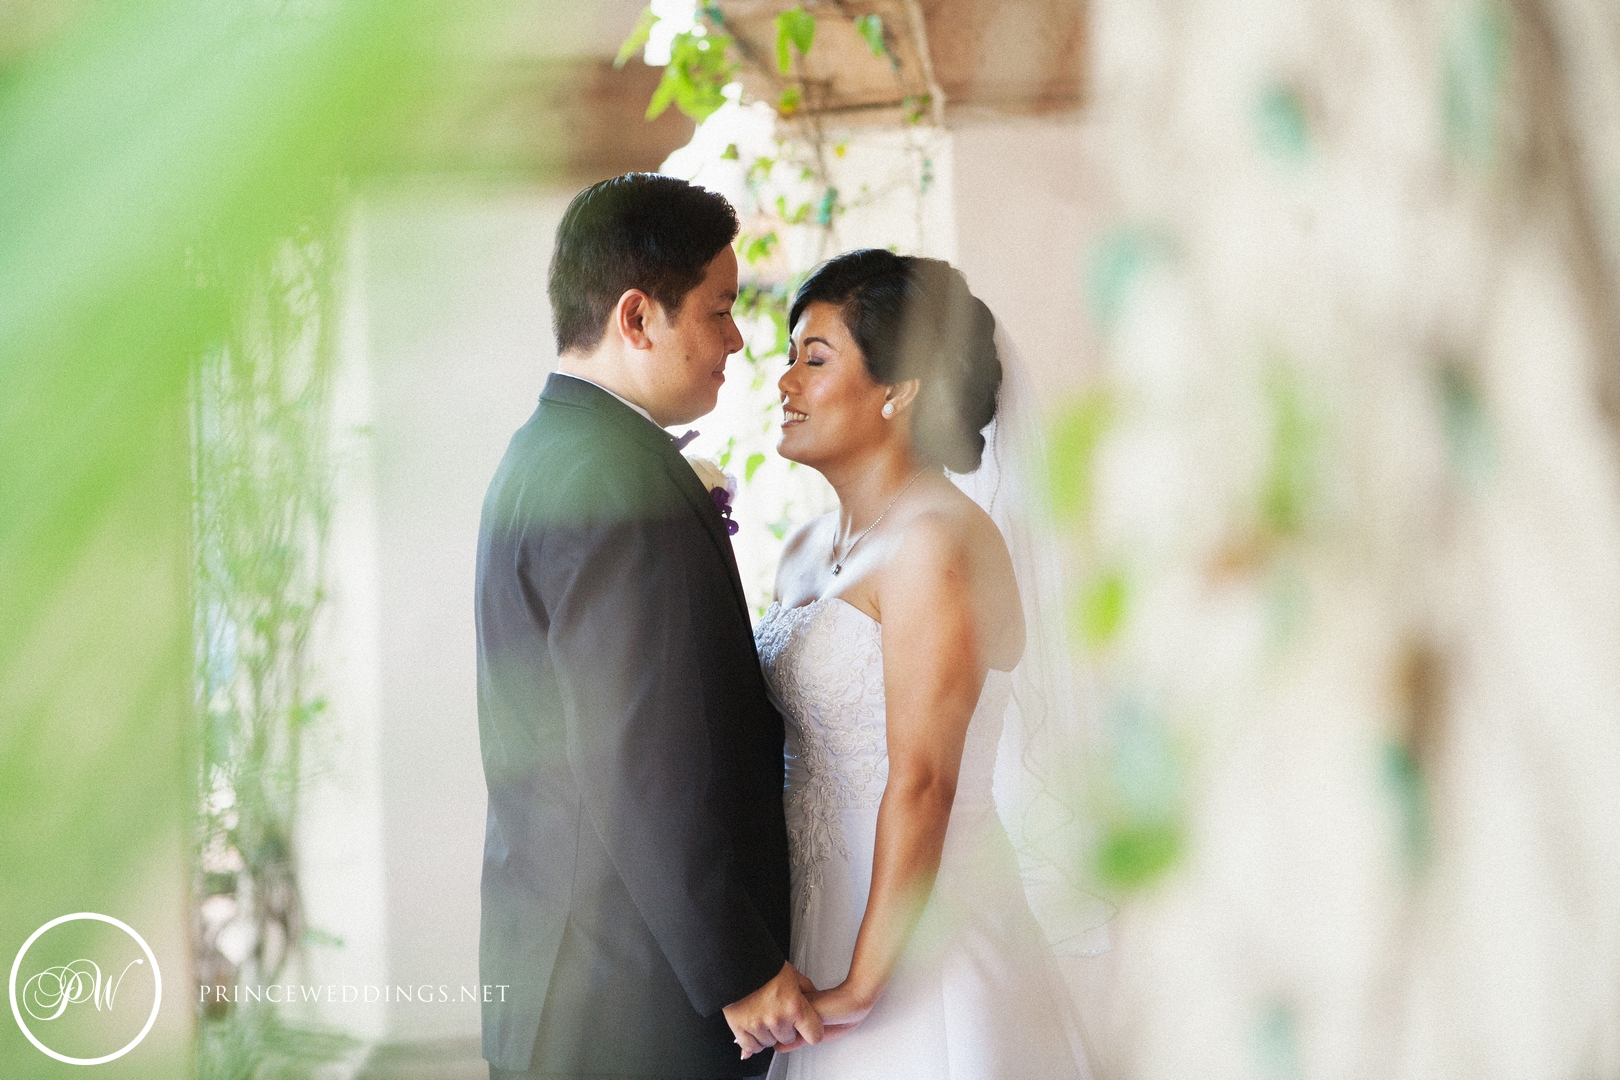 TurnipRose_Wedding_Photography_James+Luisa21.jpg